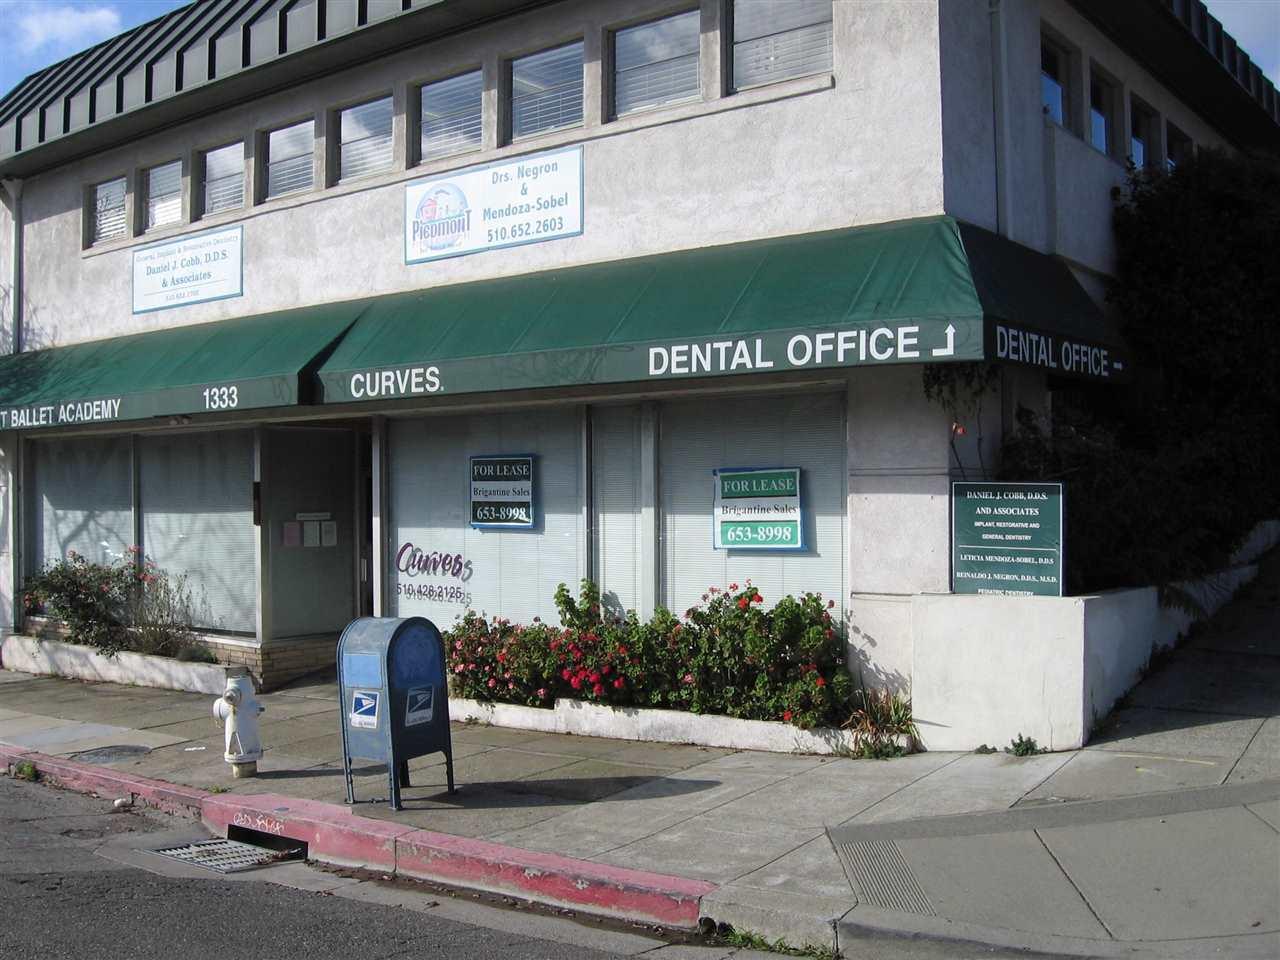 Casa Unifamiliar por un Alquiler en 1333 Grand Avenue 1333 Grand Avenue Piedmont, California 94611 Estados Unidos